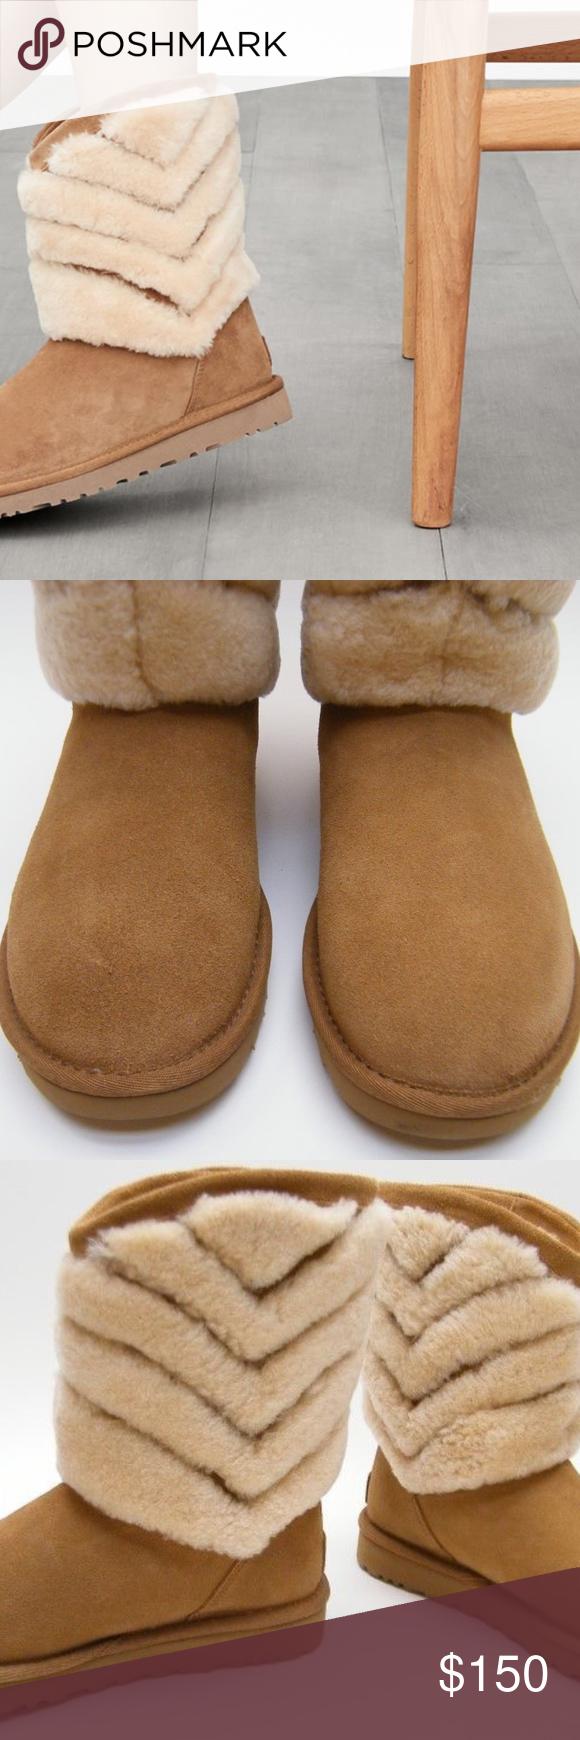 b73546db73c UGG Australia Tania Genuine Shearling Boots Shoes Tufts of plush ...